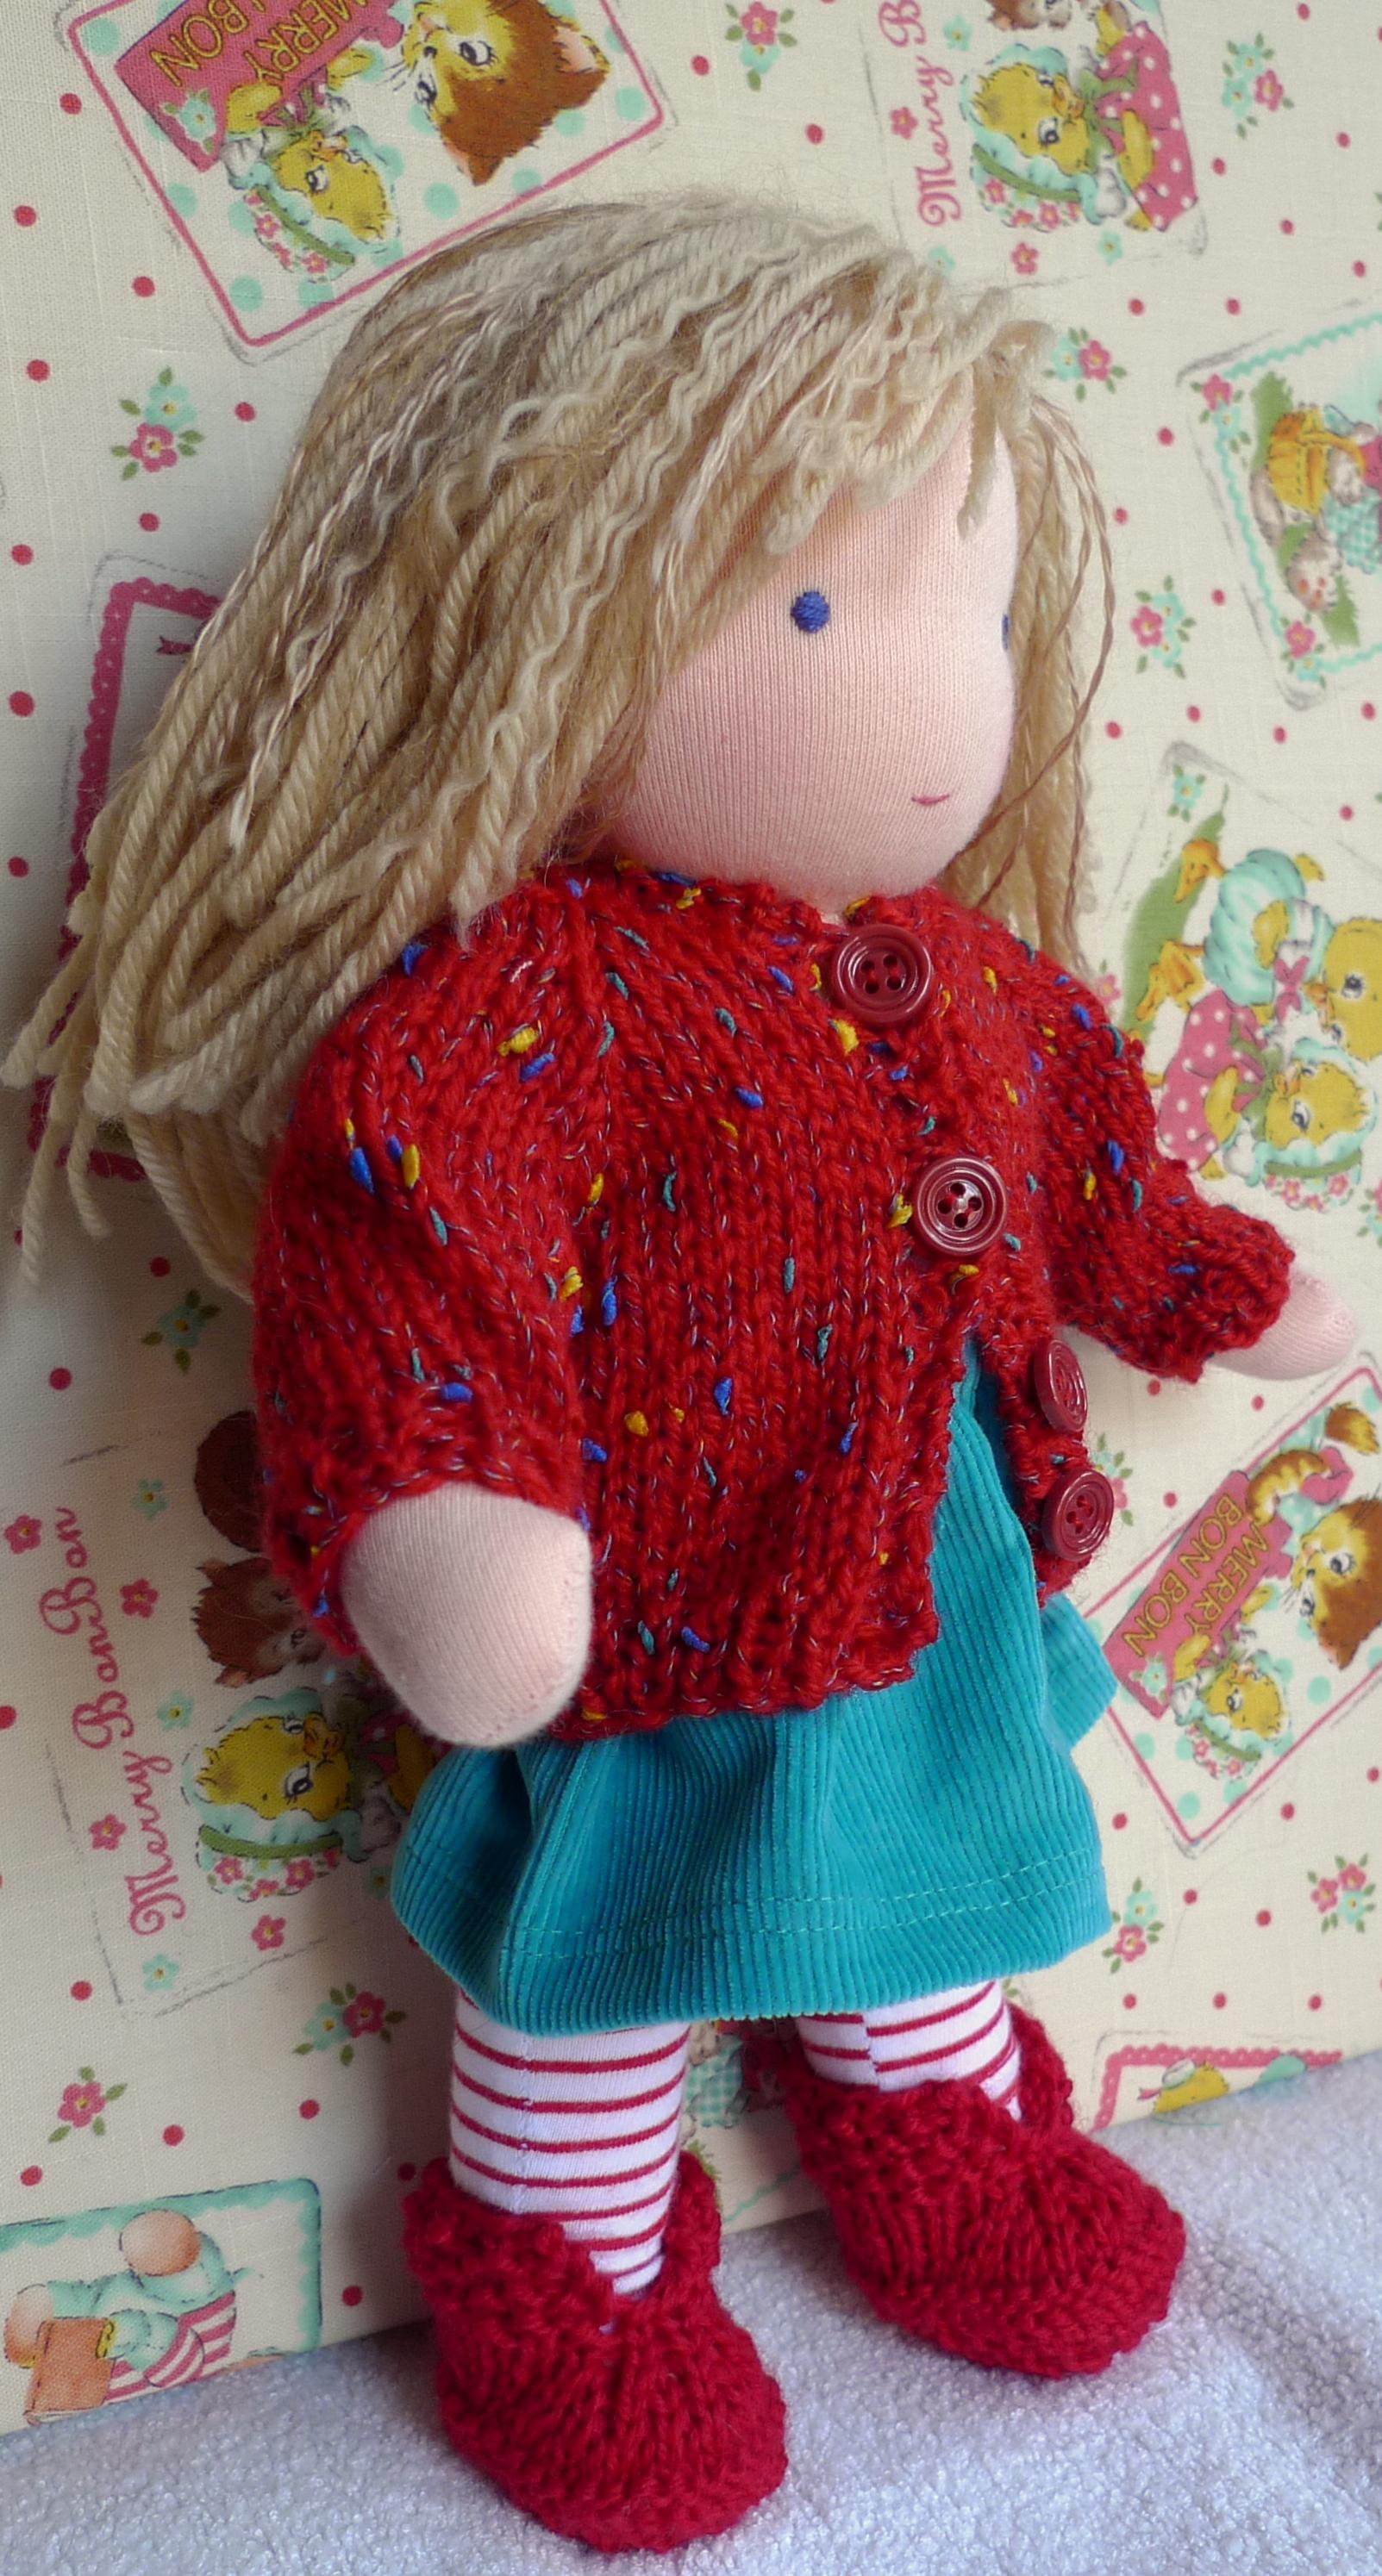 Caitlin's doll - autumn outfit